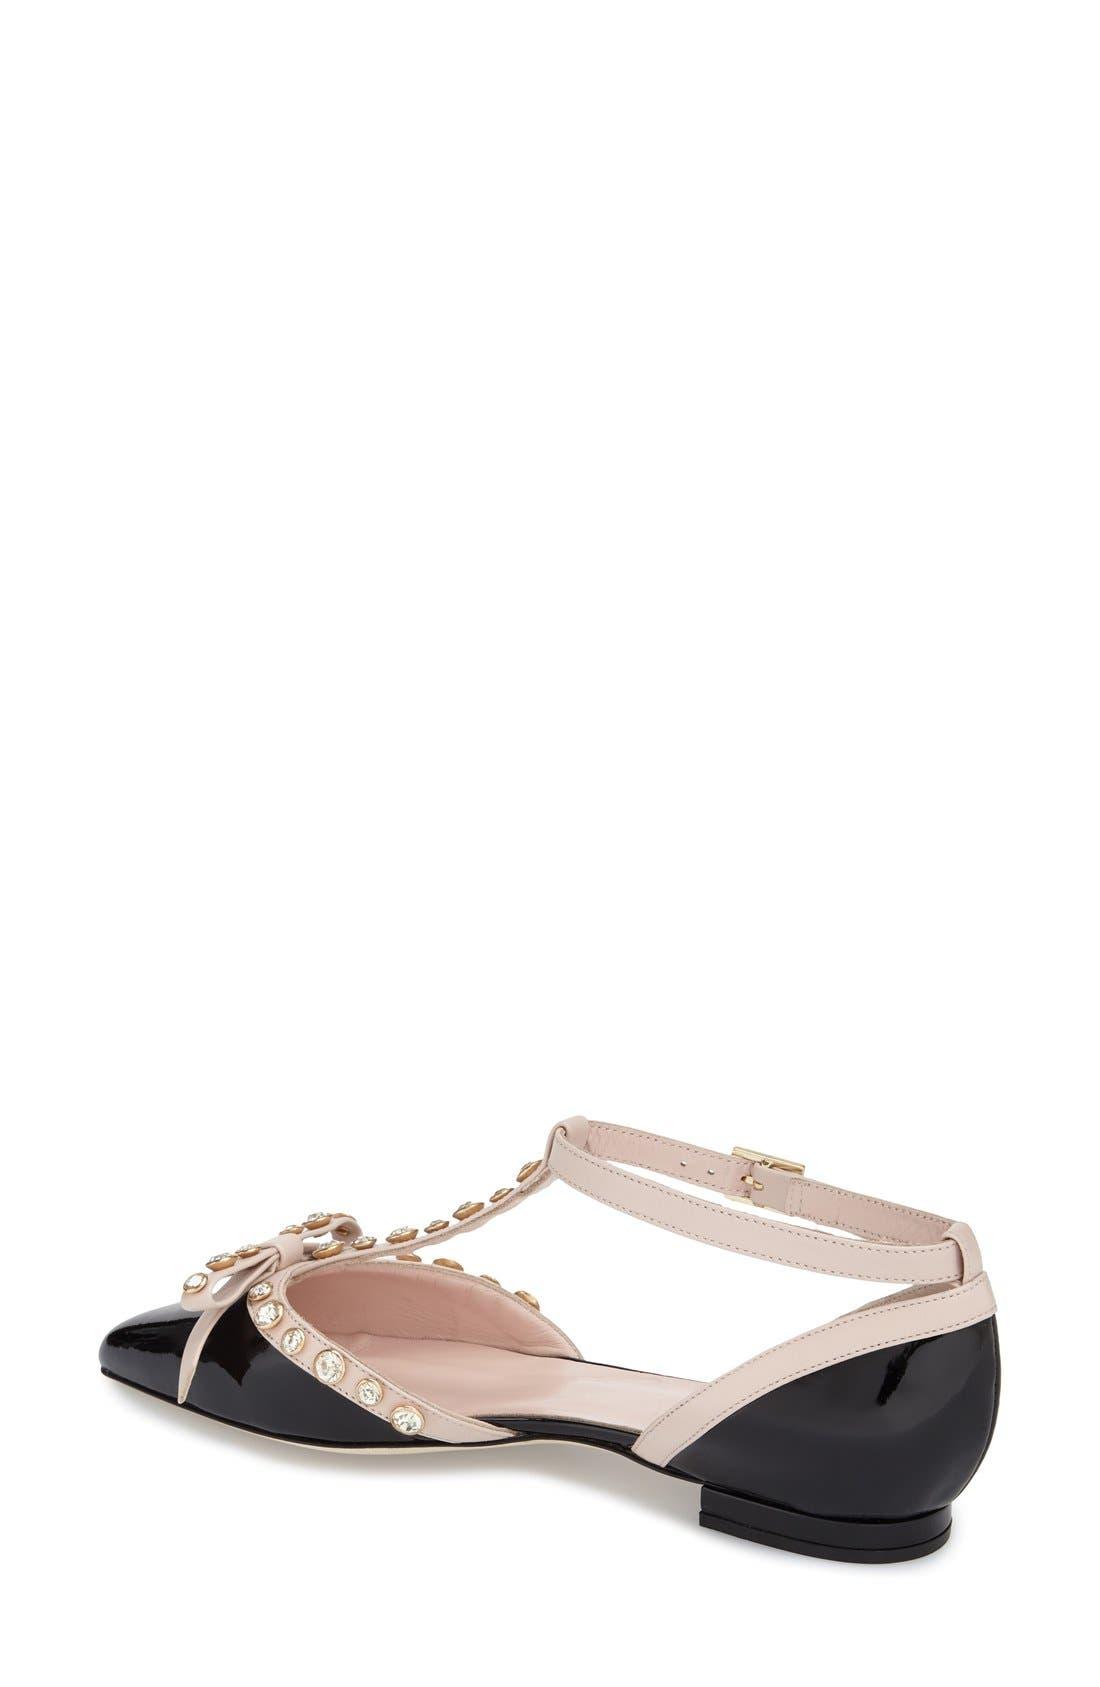 Alternate Image 2  - kate spade new york 'becca' t-strap sandal (women)